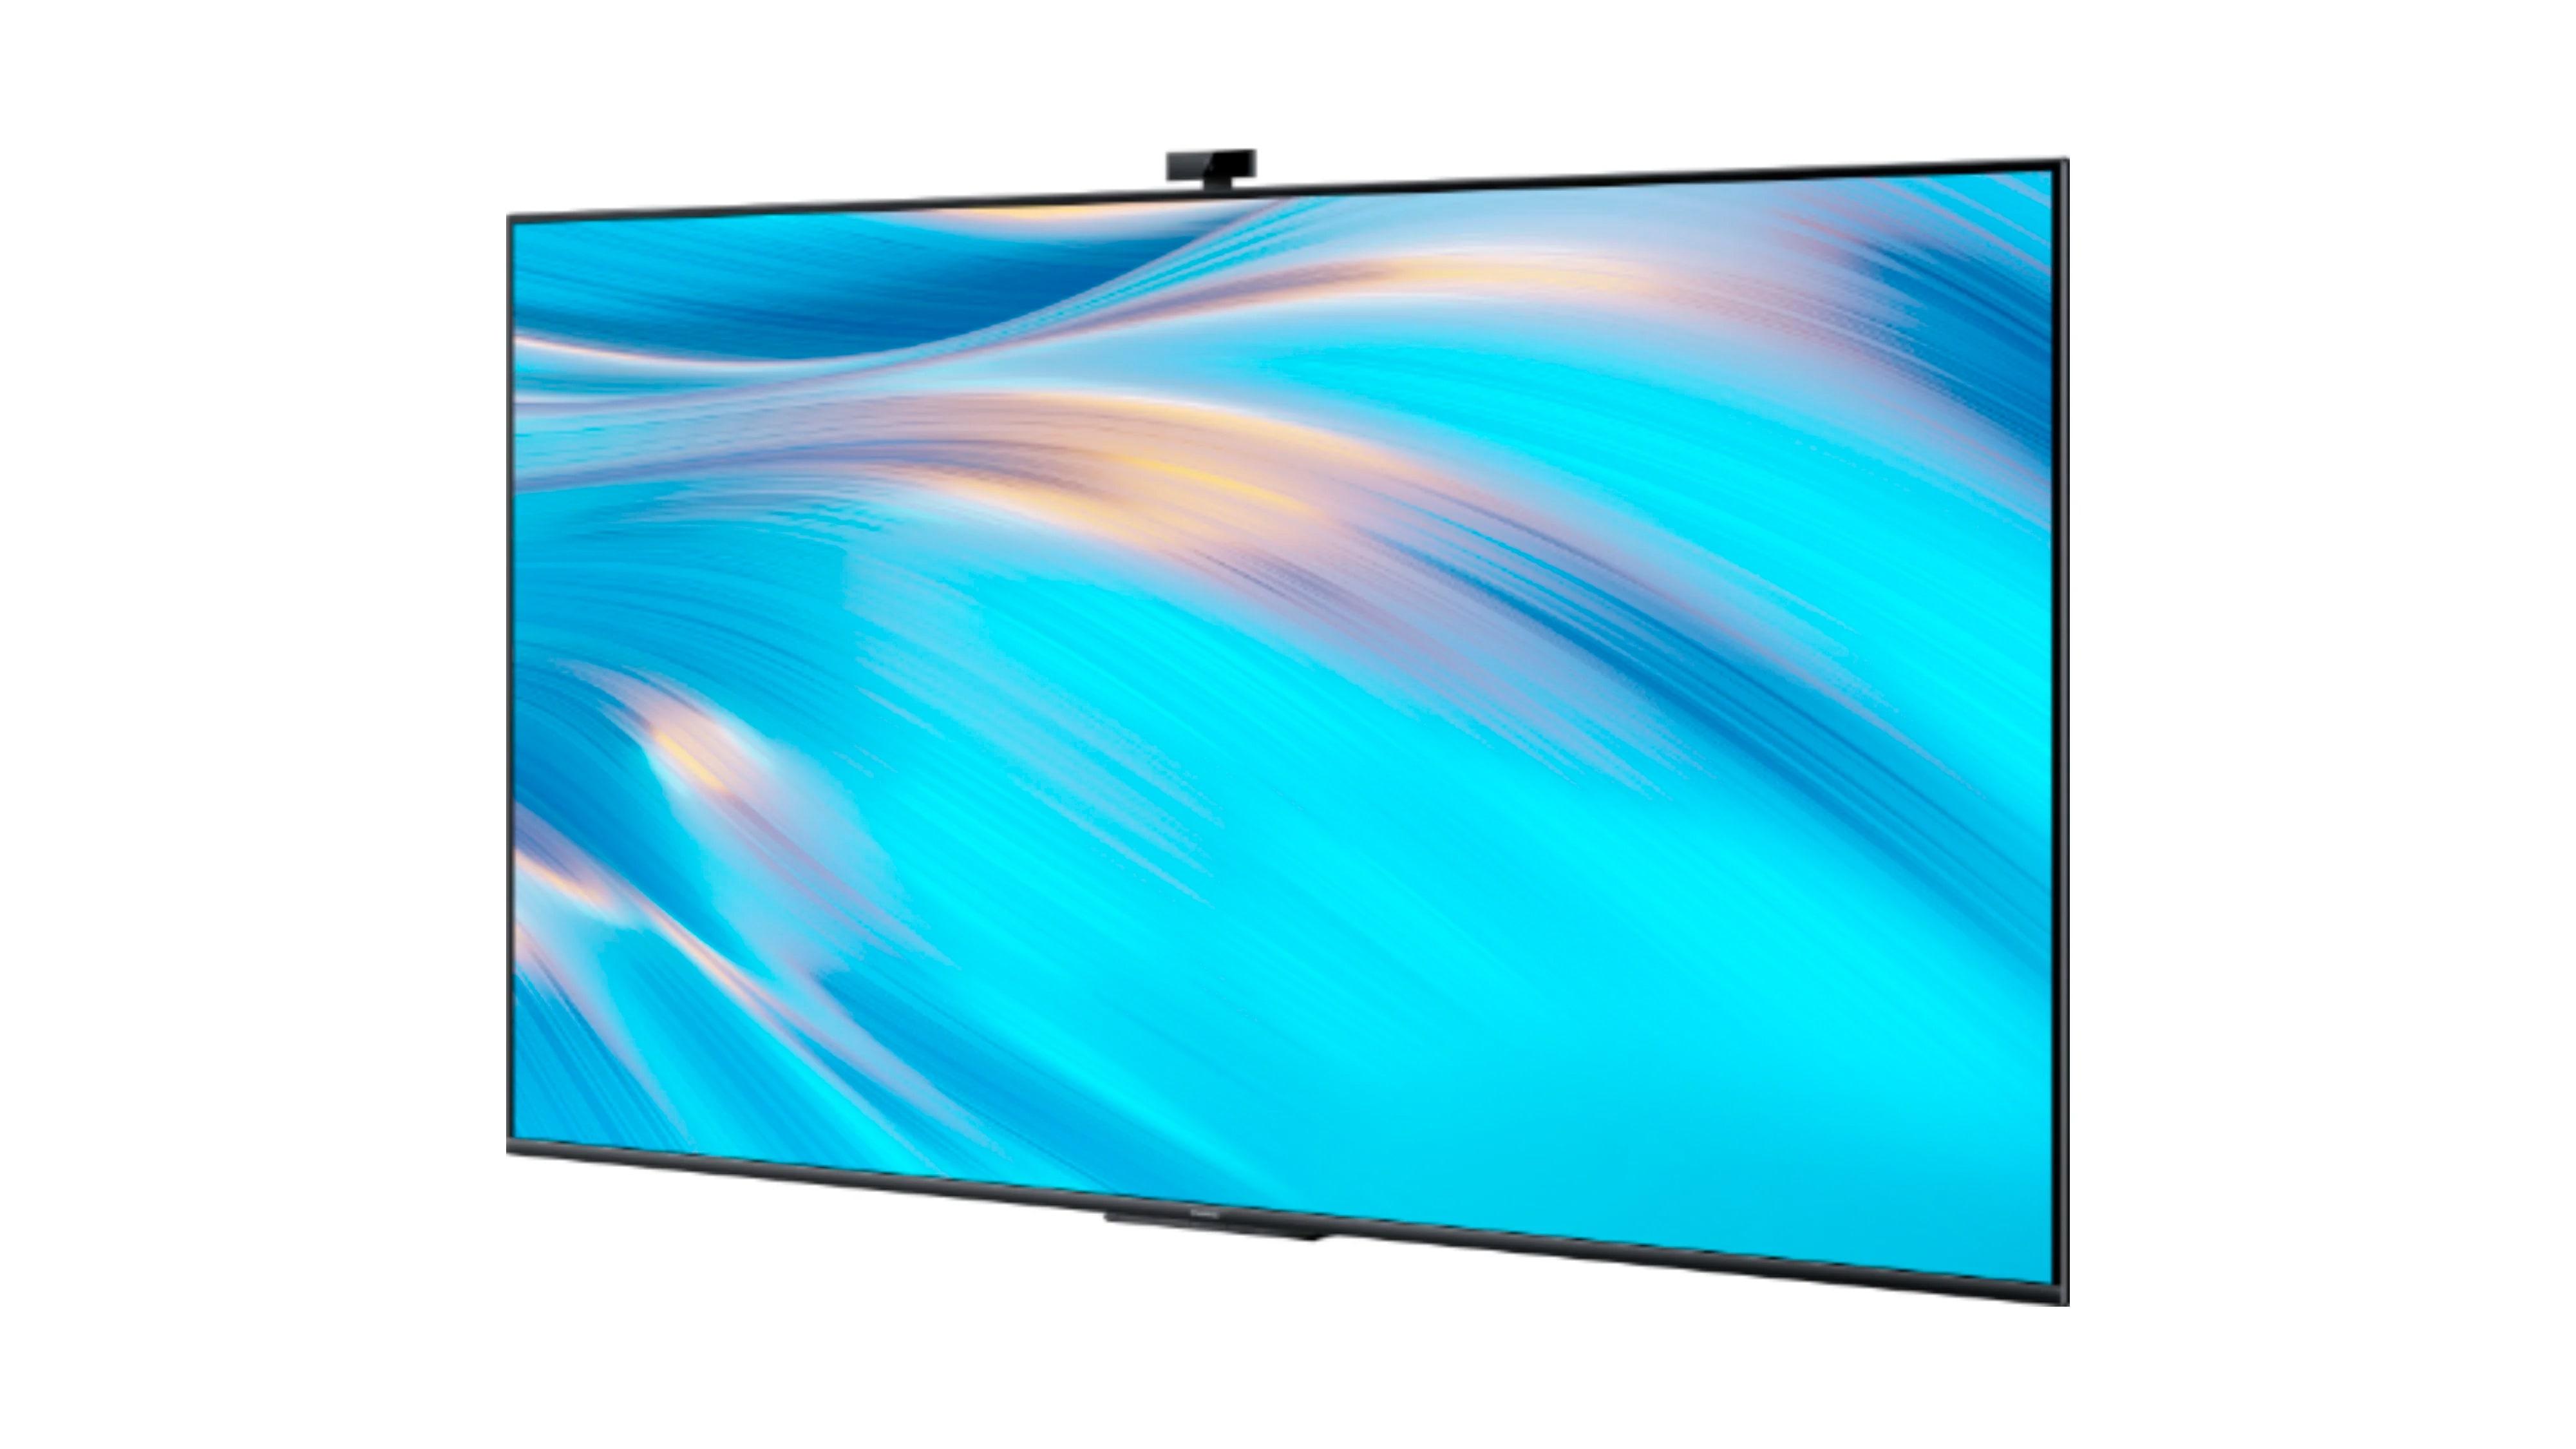 Первый премиальный монитор Huawei и 75-дюймовый смарт-телевизор получили сертификат 3С